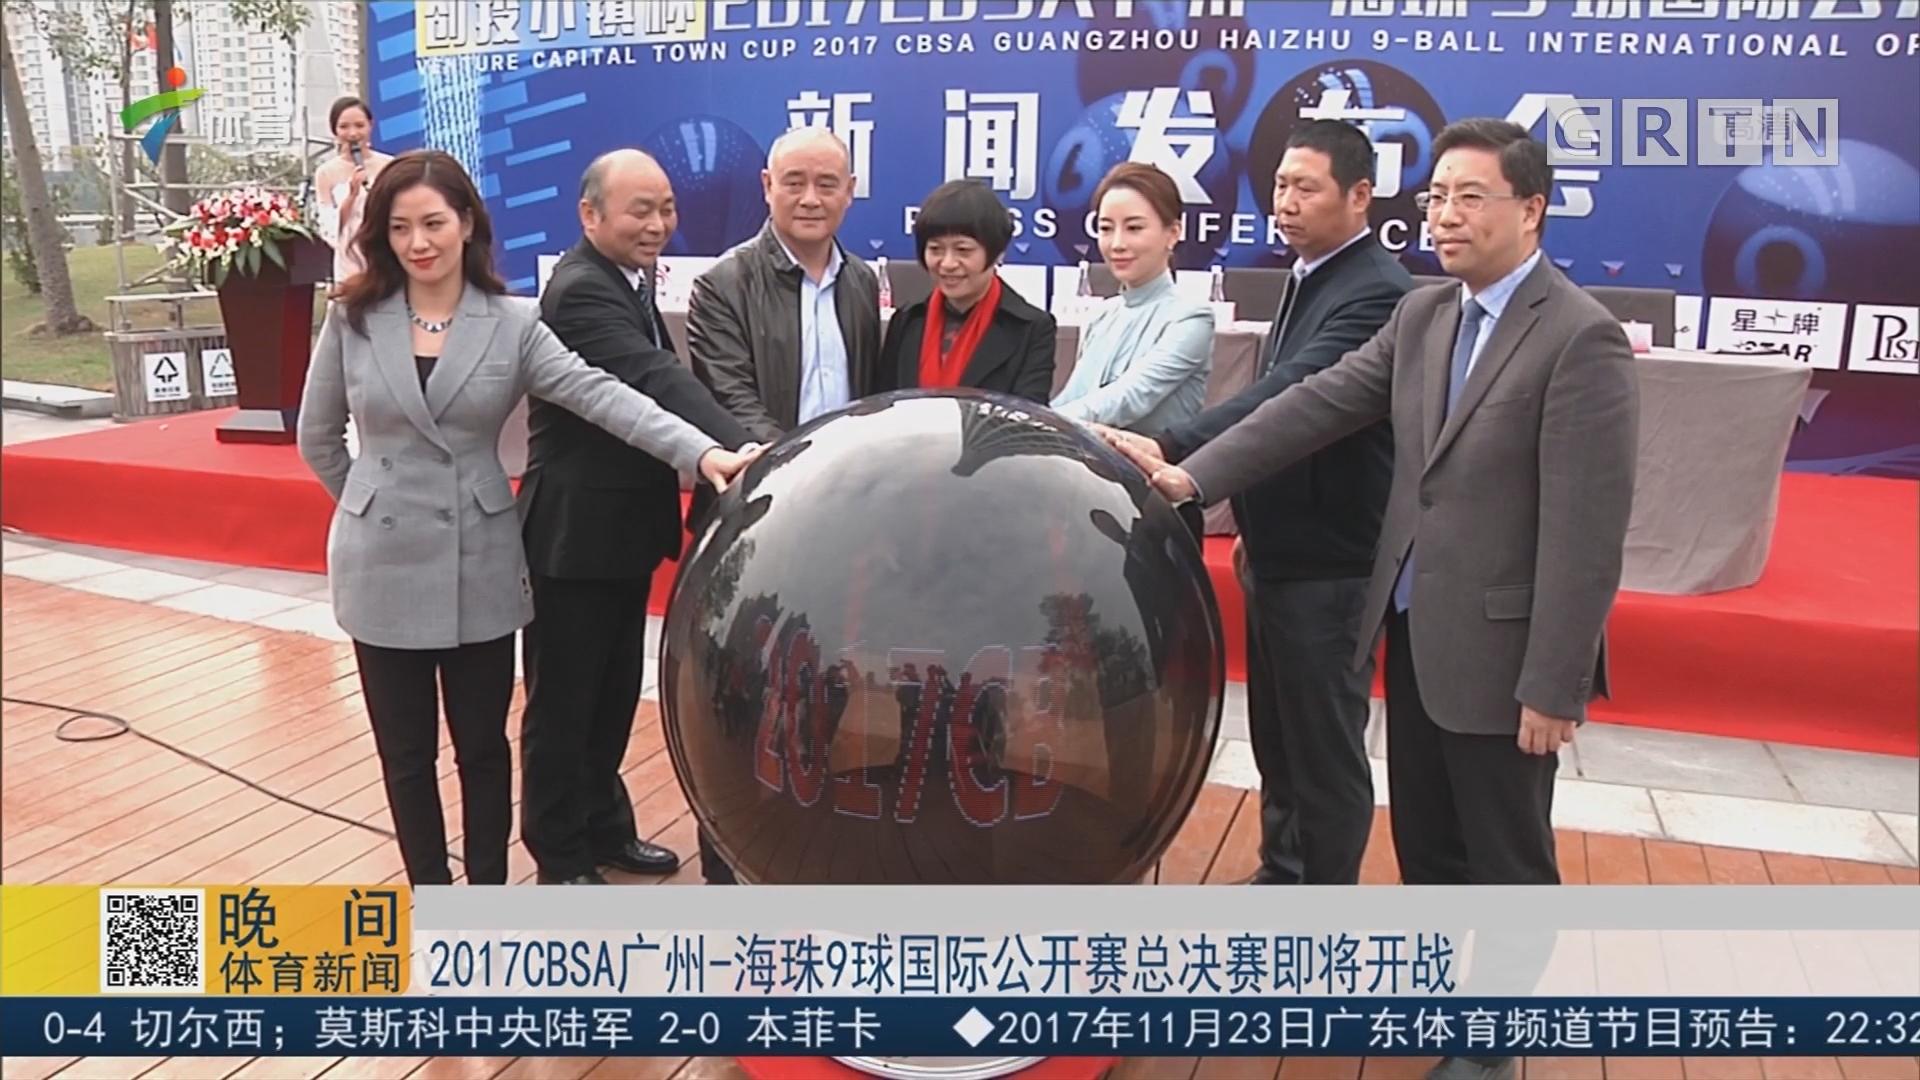 2017CBSA广州—海珠9球国际公开赛总决赛即将开战